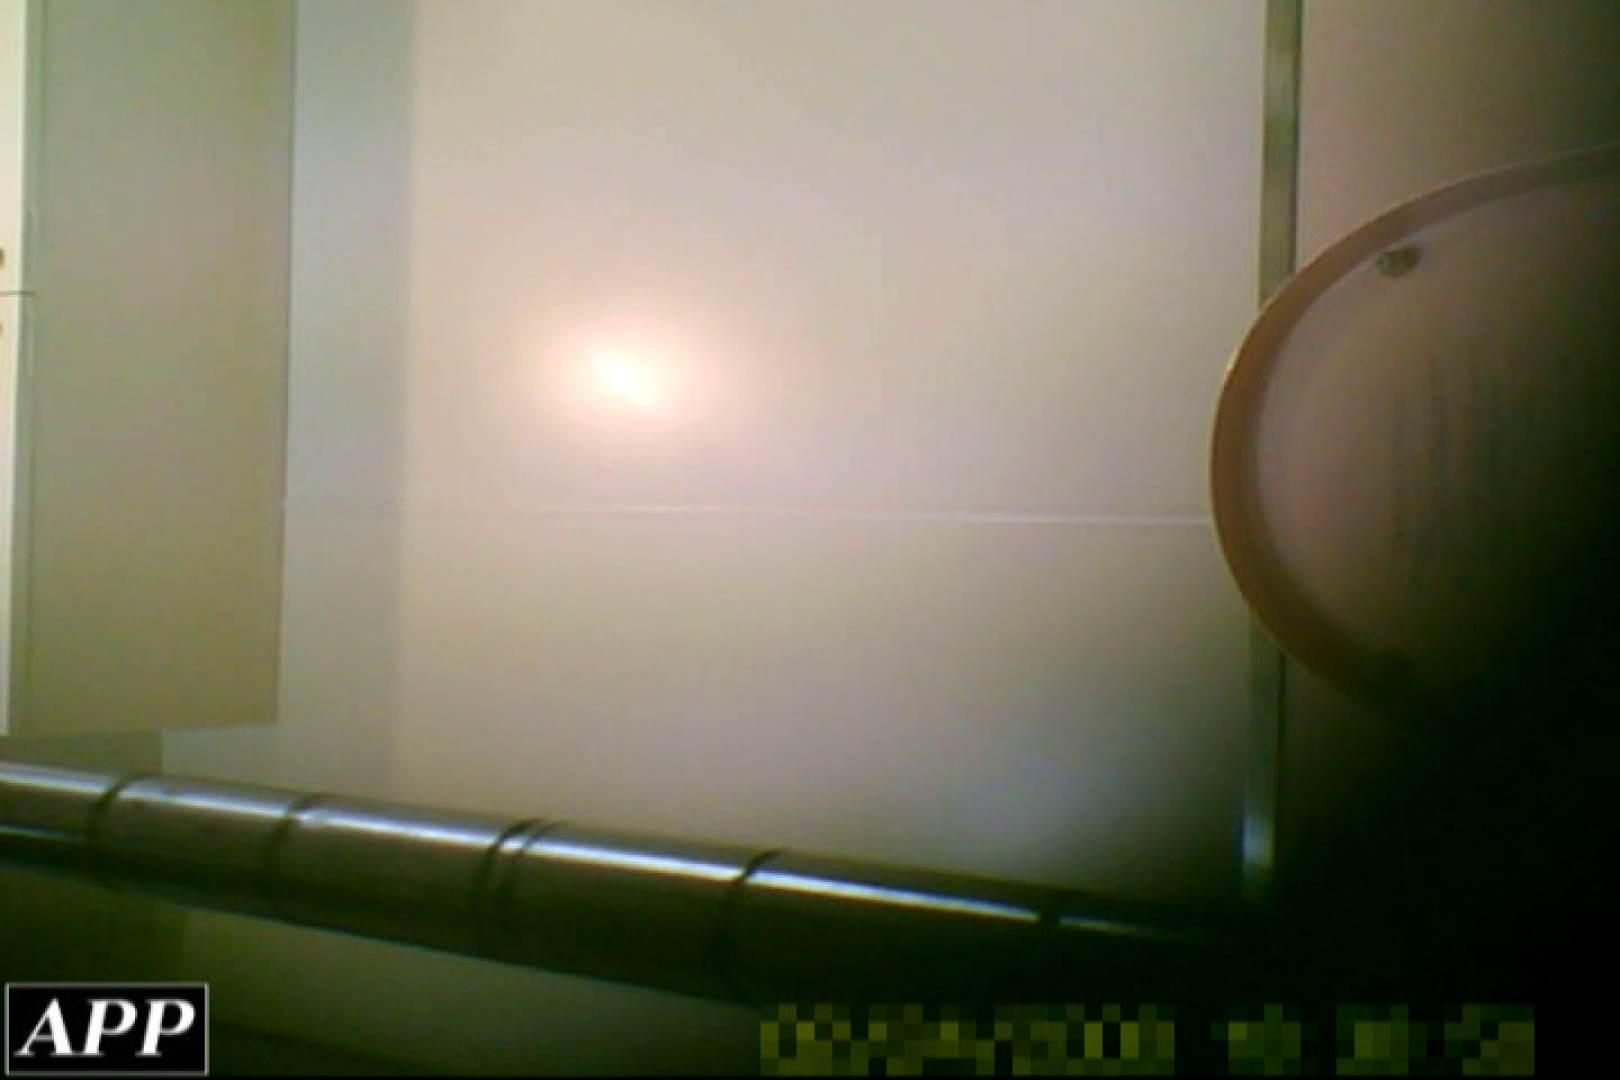 3視点洗面所 vol.06 オマンコ全開です 性交動画流出 112枚